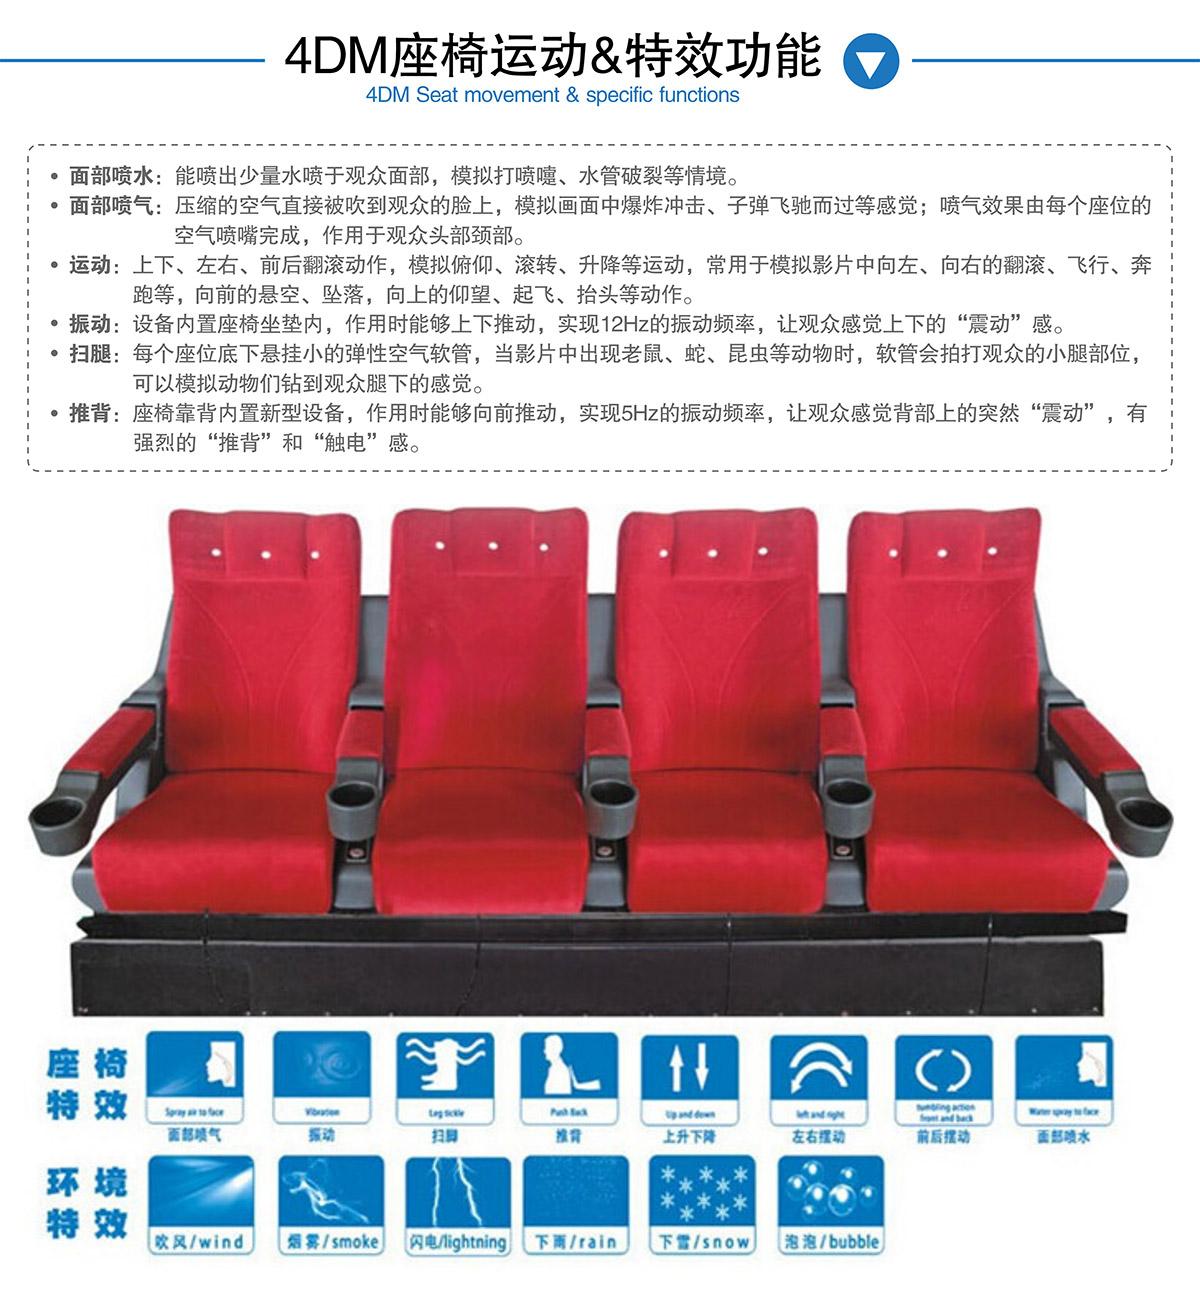 安全体验4DM座椅运动和特效功能.jpg